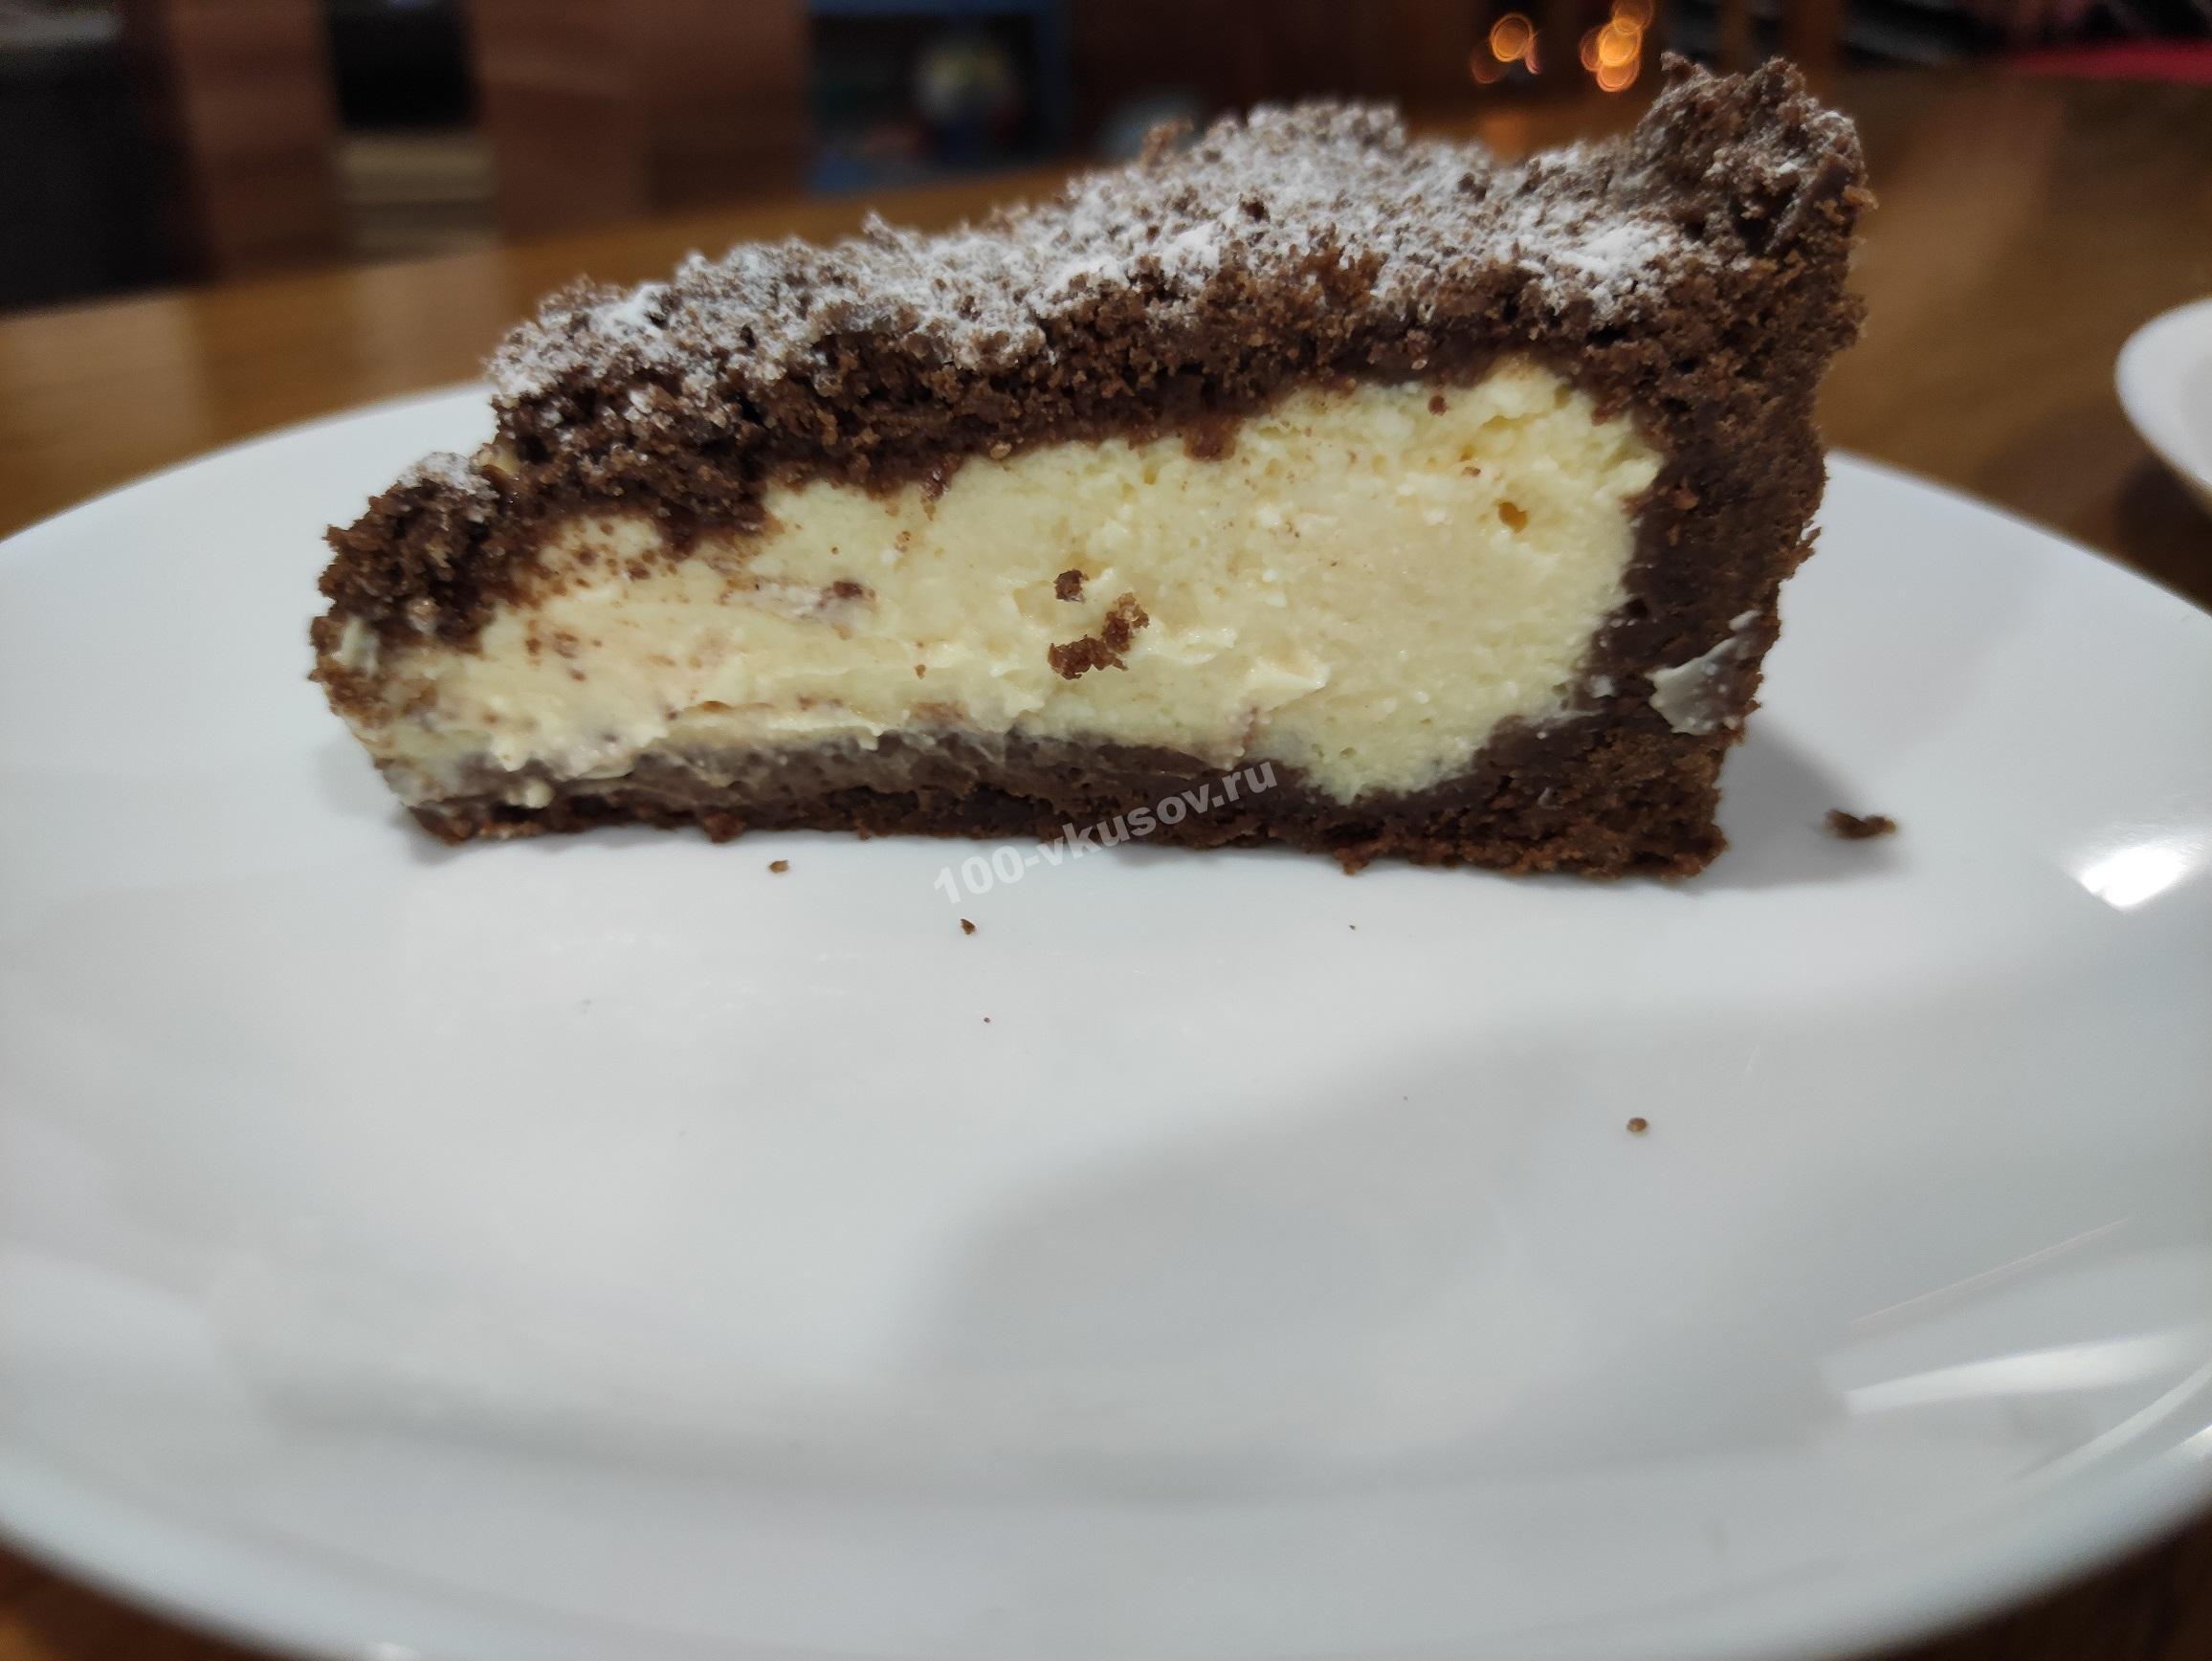 Королевский пирог с творогом в разрезе